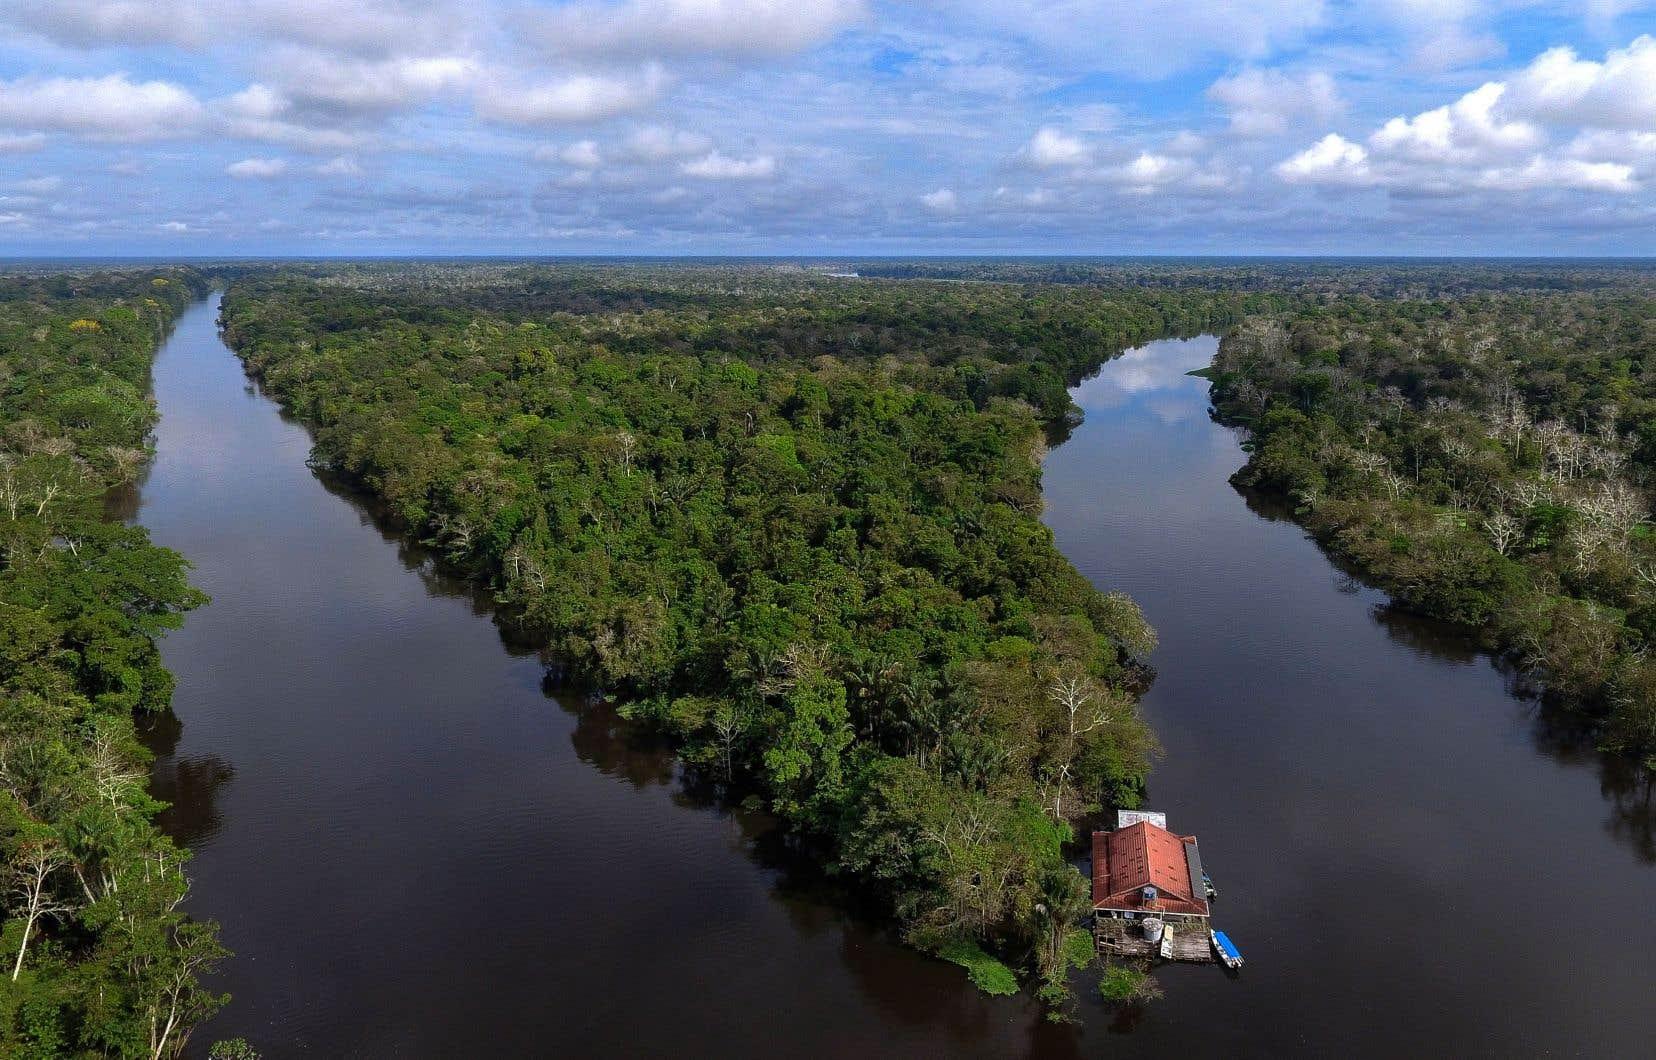 Le meurtre de Chico Mendes et l'indignation qu'il a suscitée sont souvent qualifiés de tournant pour l'établissement de réserves forestières et de freins à la déforestation de l'Amazonie.